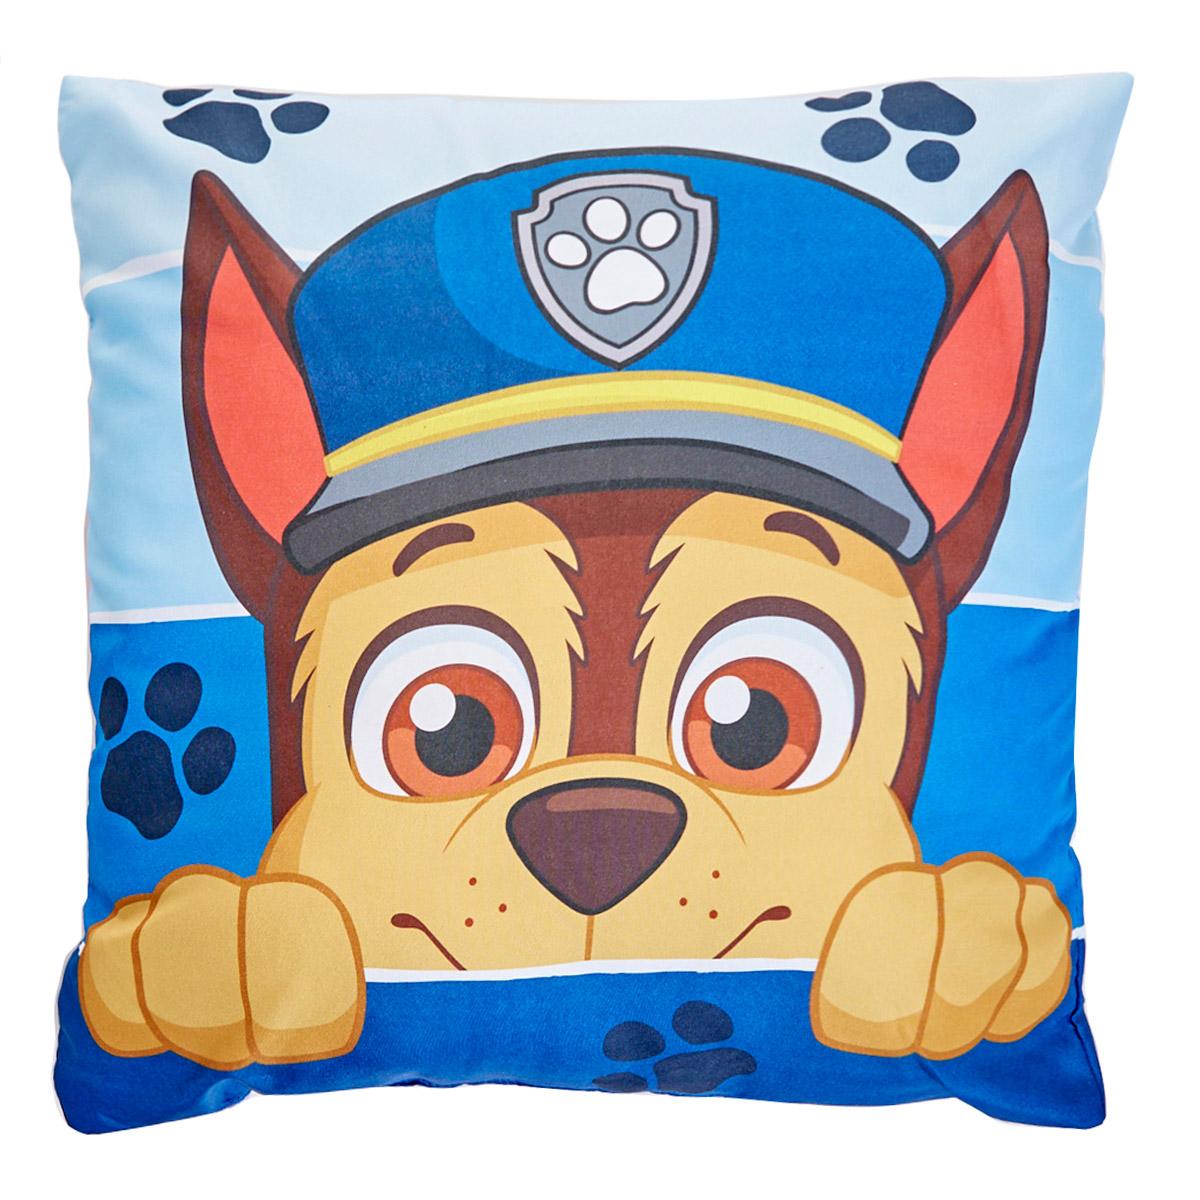 paw patrol cushion